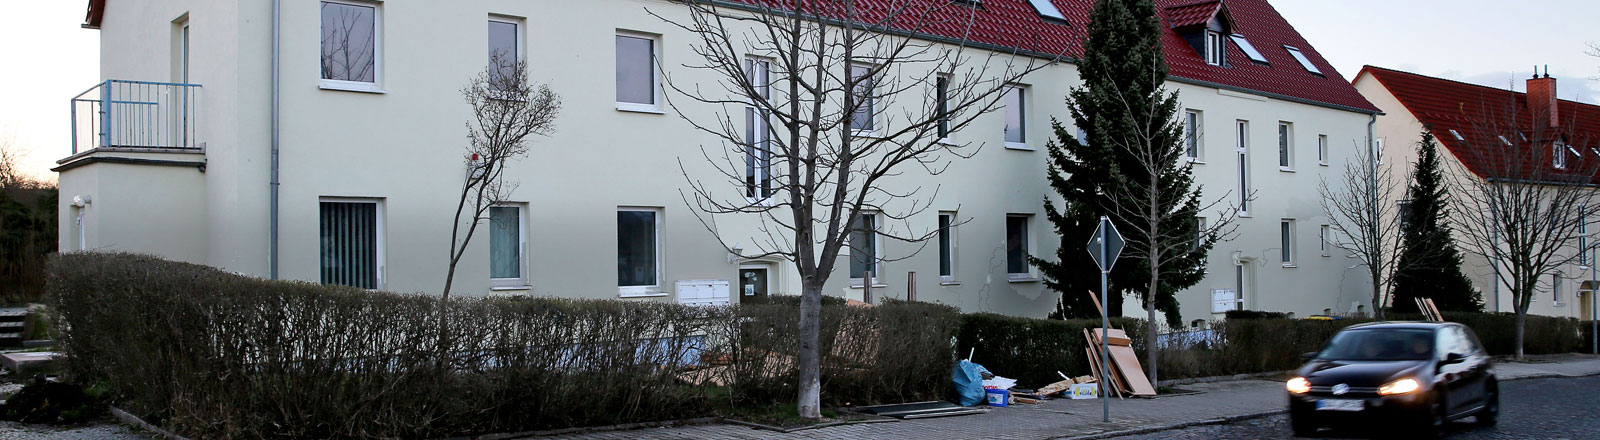 Das für Flüchtlinge vorgesehene Haus in Tröglitz (Sachsen-Anhalt), aufgenommen am 31.03.2015.